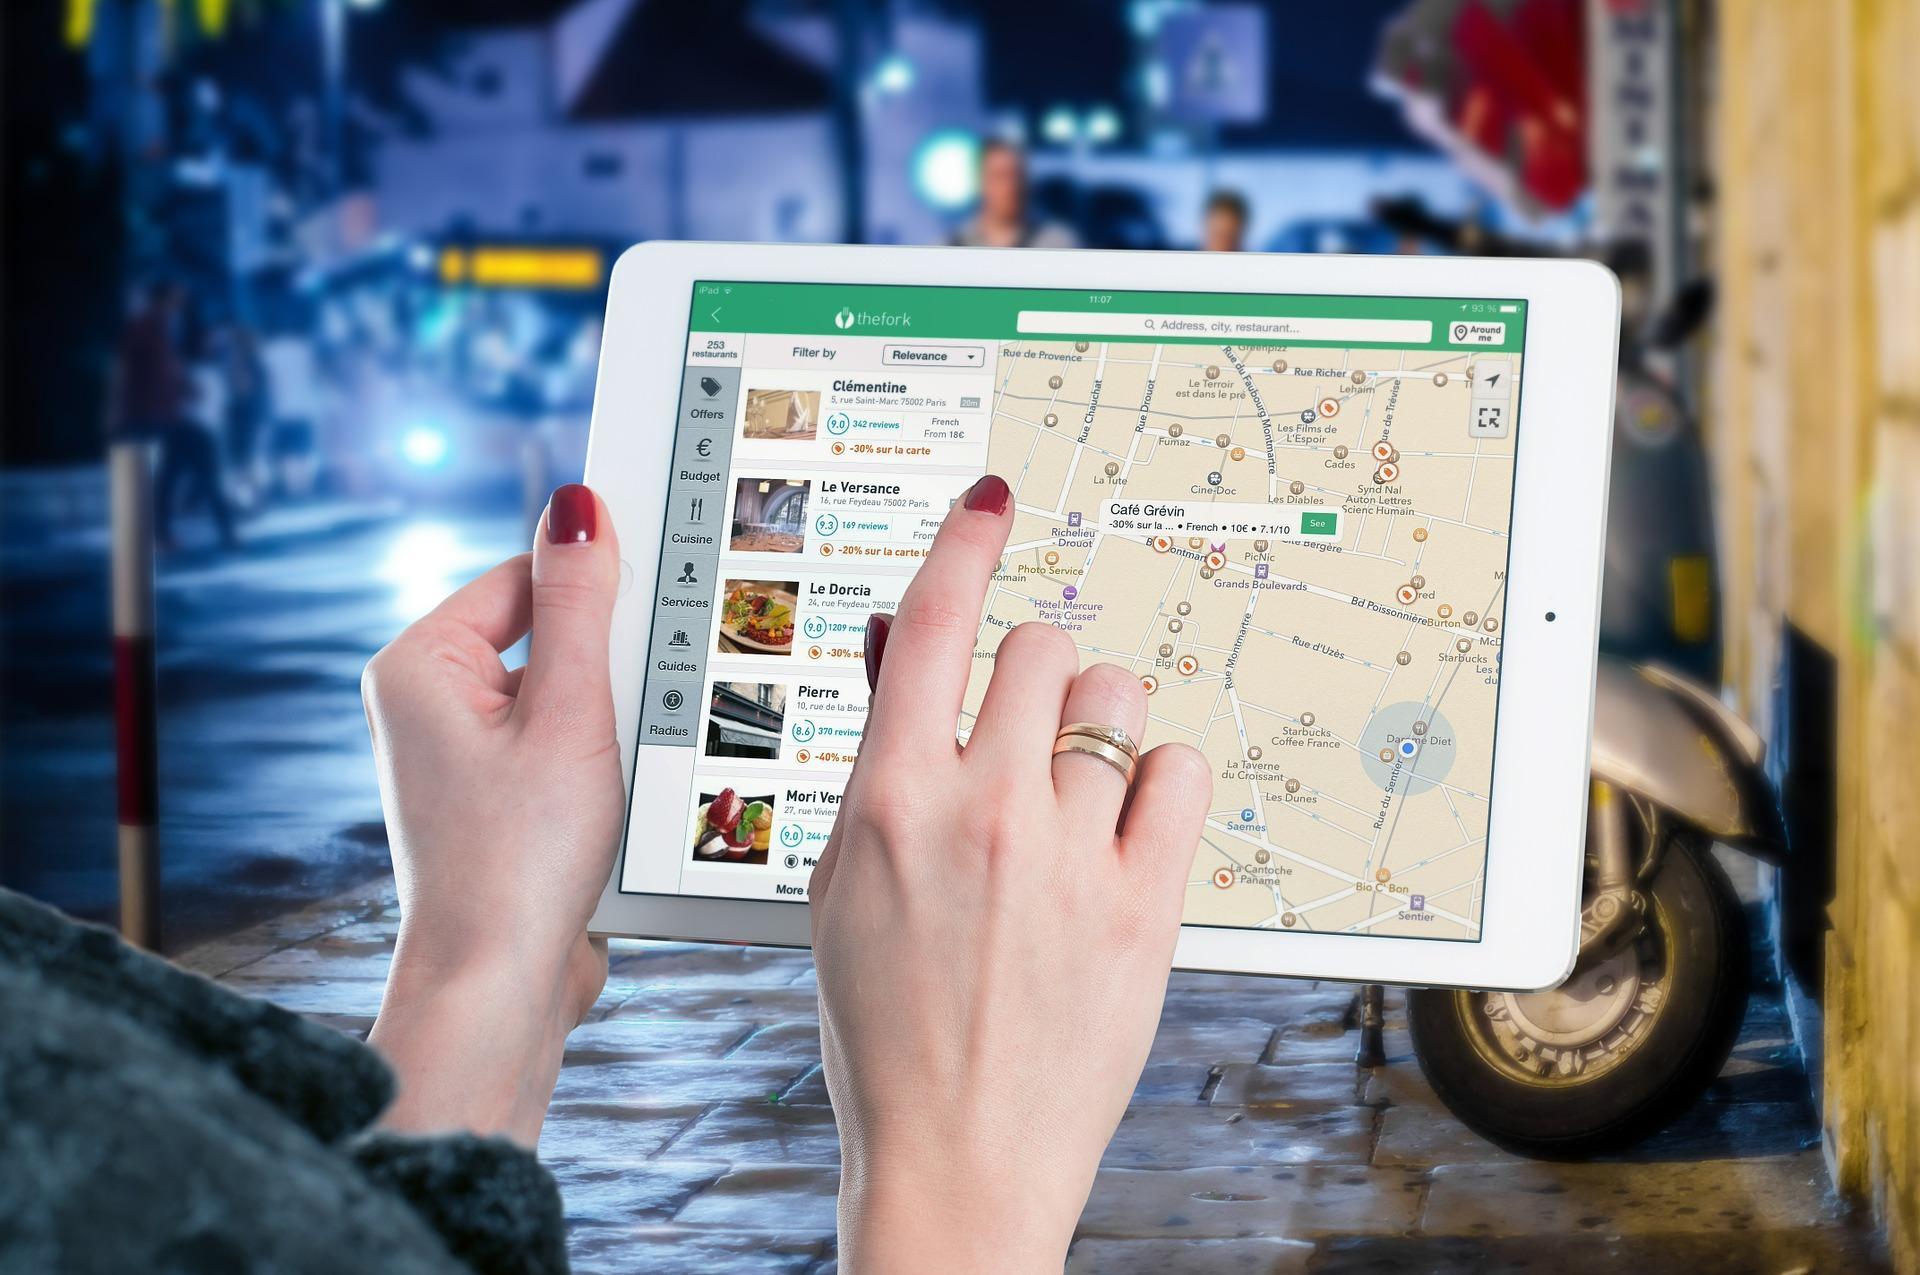 «Свиток будущего»: ВКанаде создали гибкий планшет MagicScroll